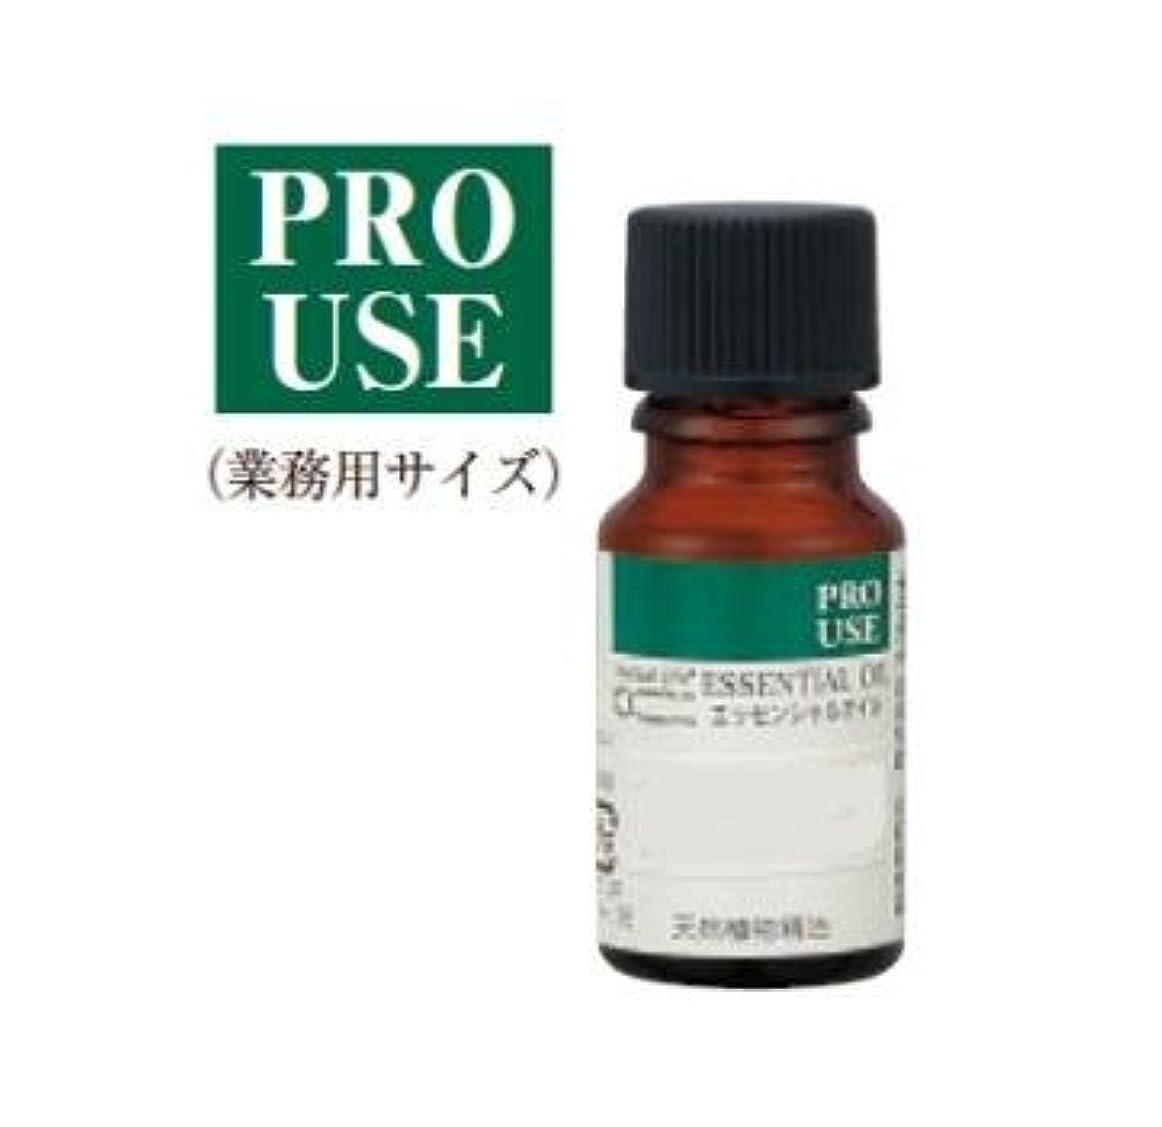 目的一族リッチ生活の木 ジャスミンAbs.10ml エッセンシャルオイル/精油